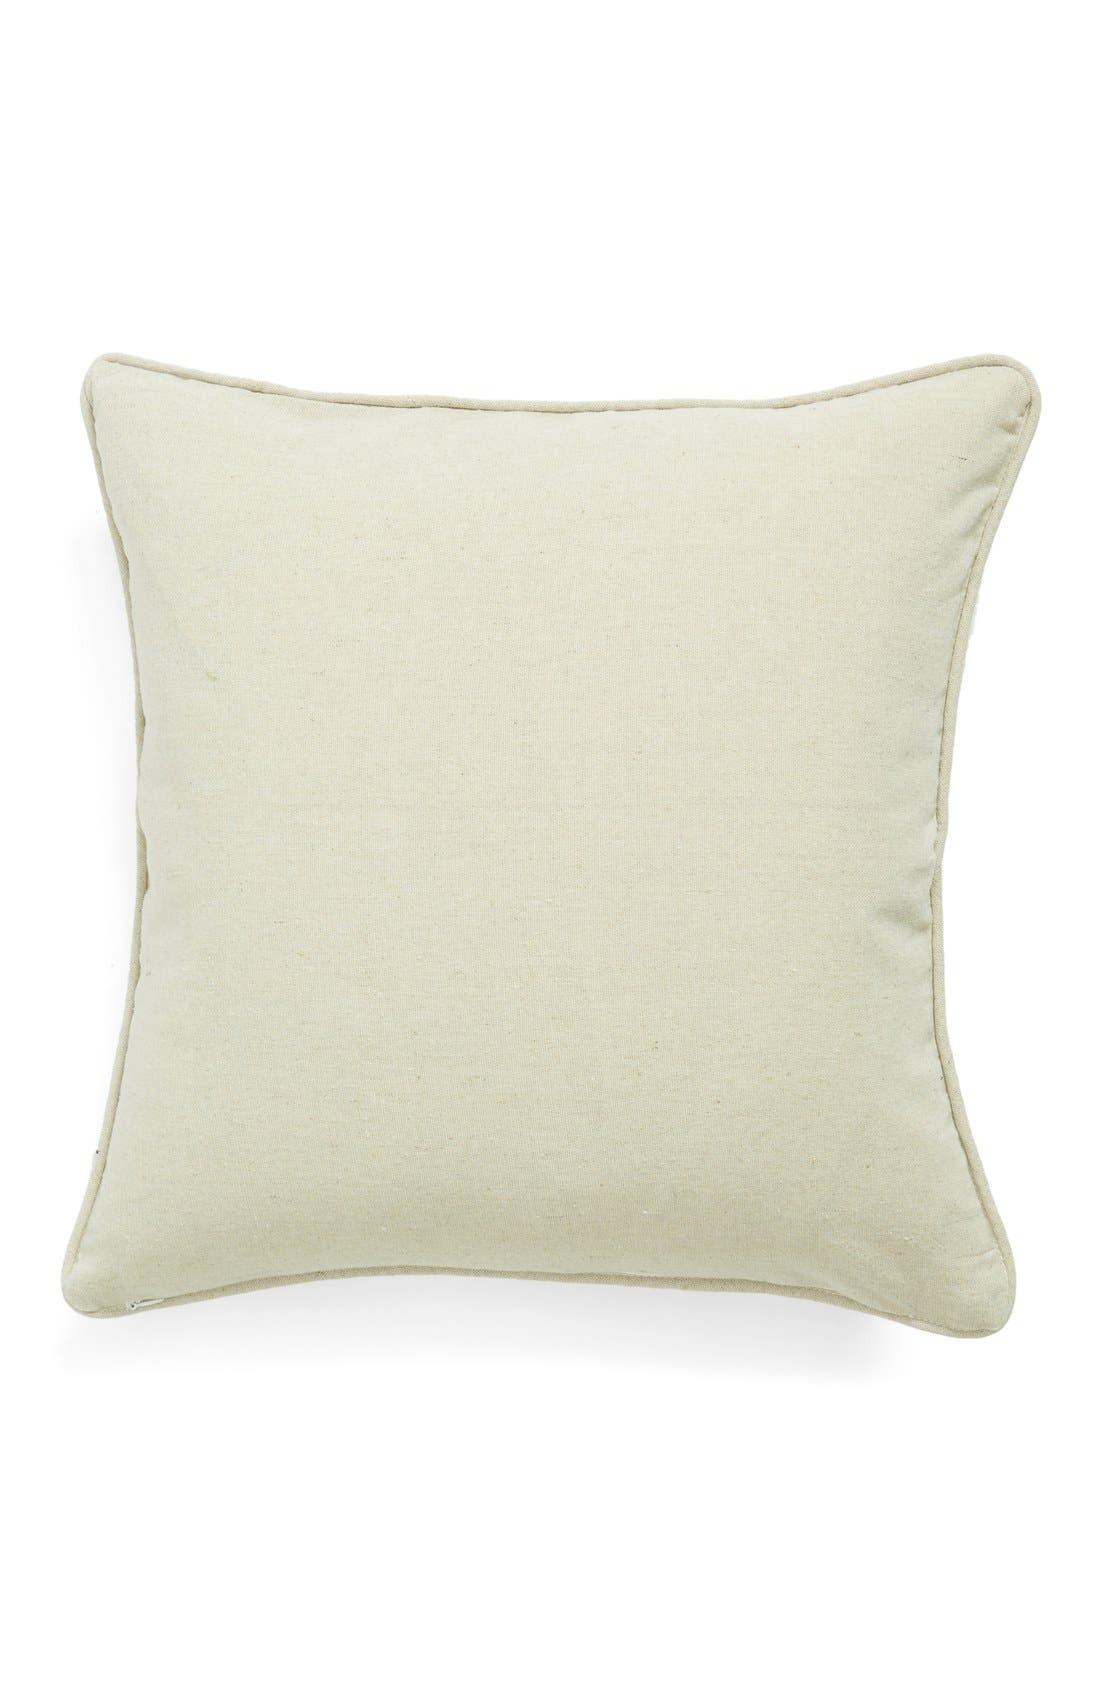 LEVTEX, 'Parma' Stitch Pillow, Alternate thumbnail 2, color, 200